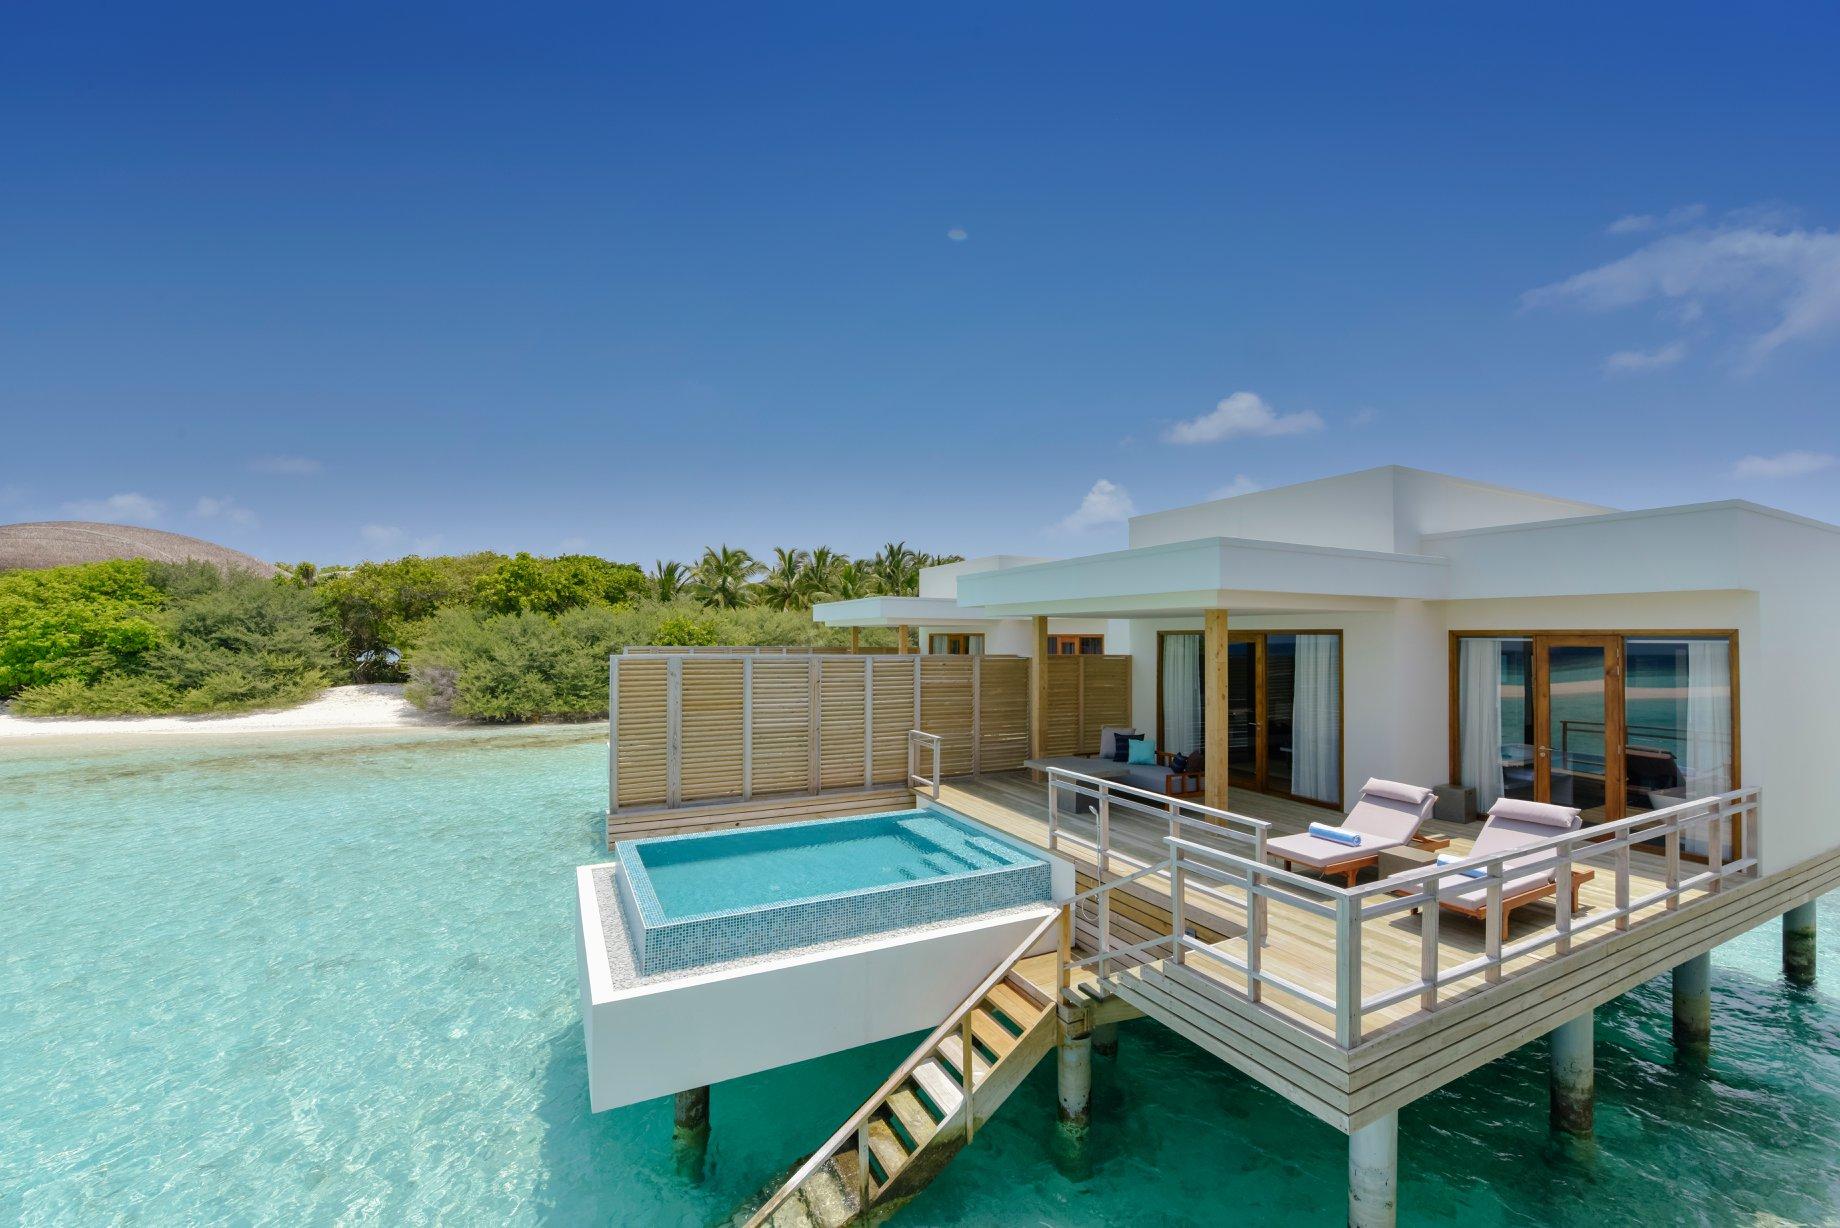 ทัวร์มัลดีฟส์ : Dhigali Maldives